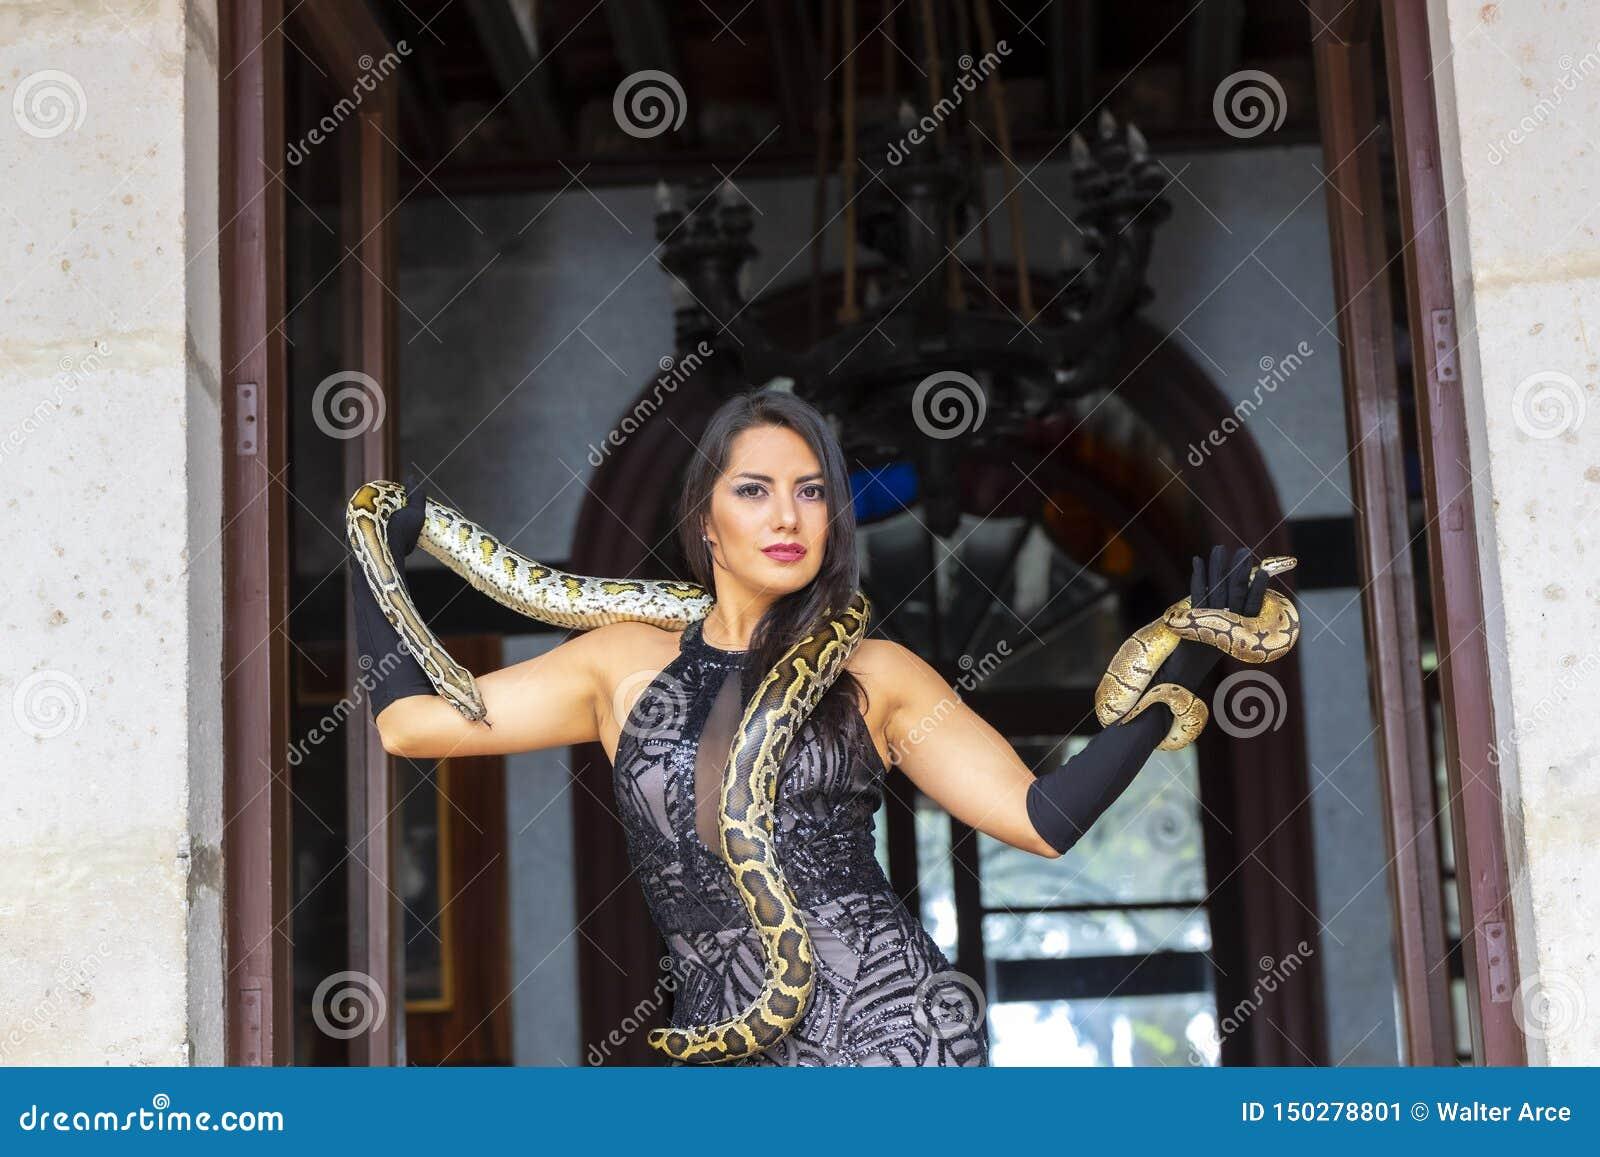 Brunetka modela Piękne Latynoskie pozy Z boa Constrictor wężem Wokoło Jej ciała